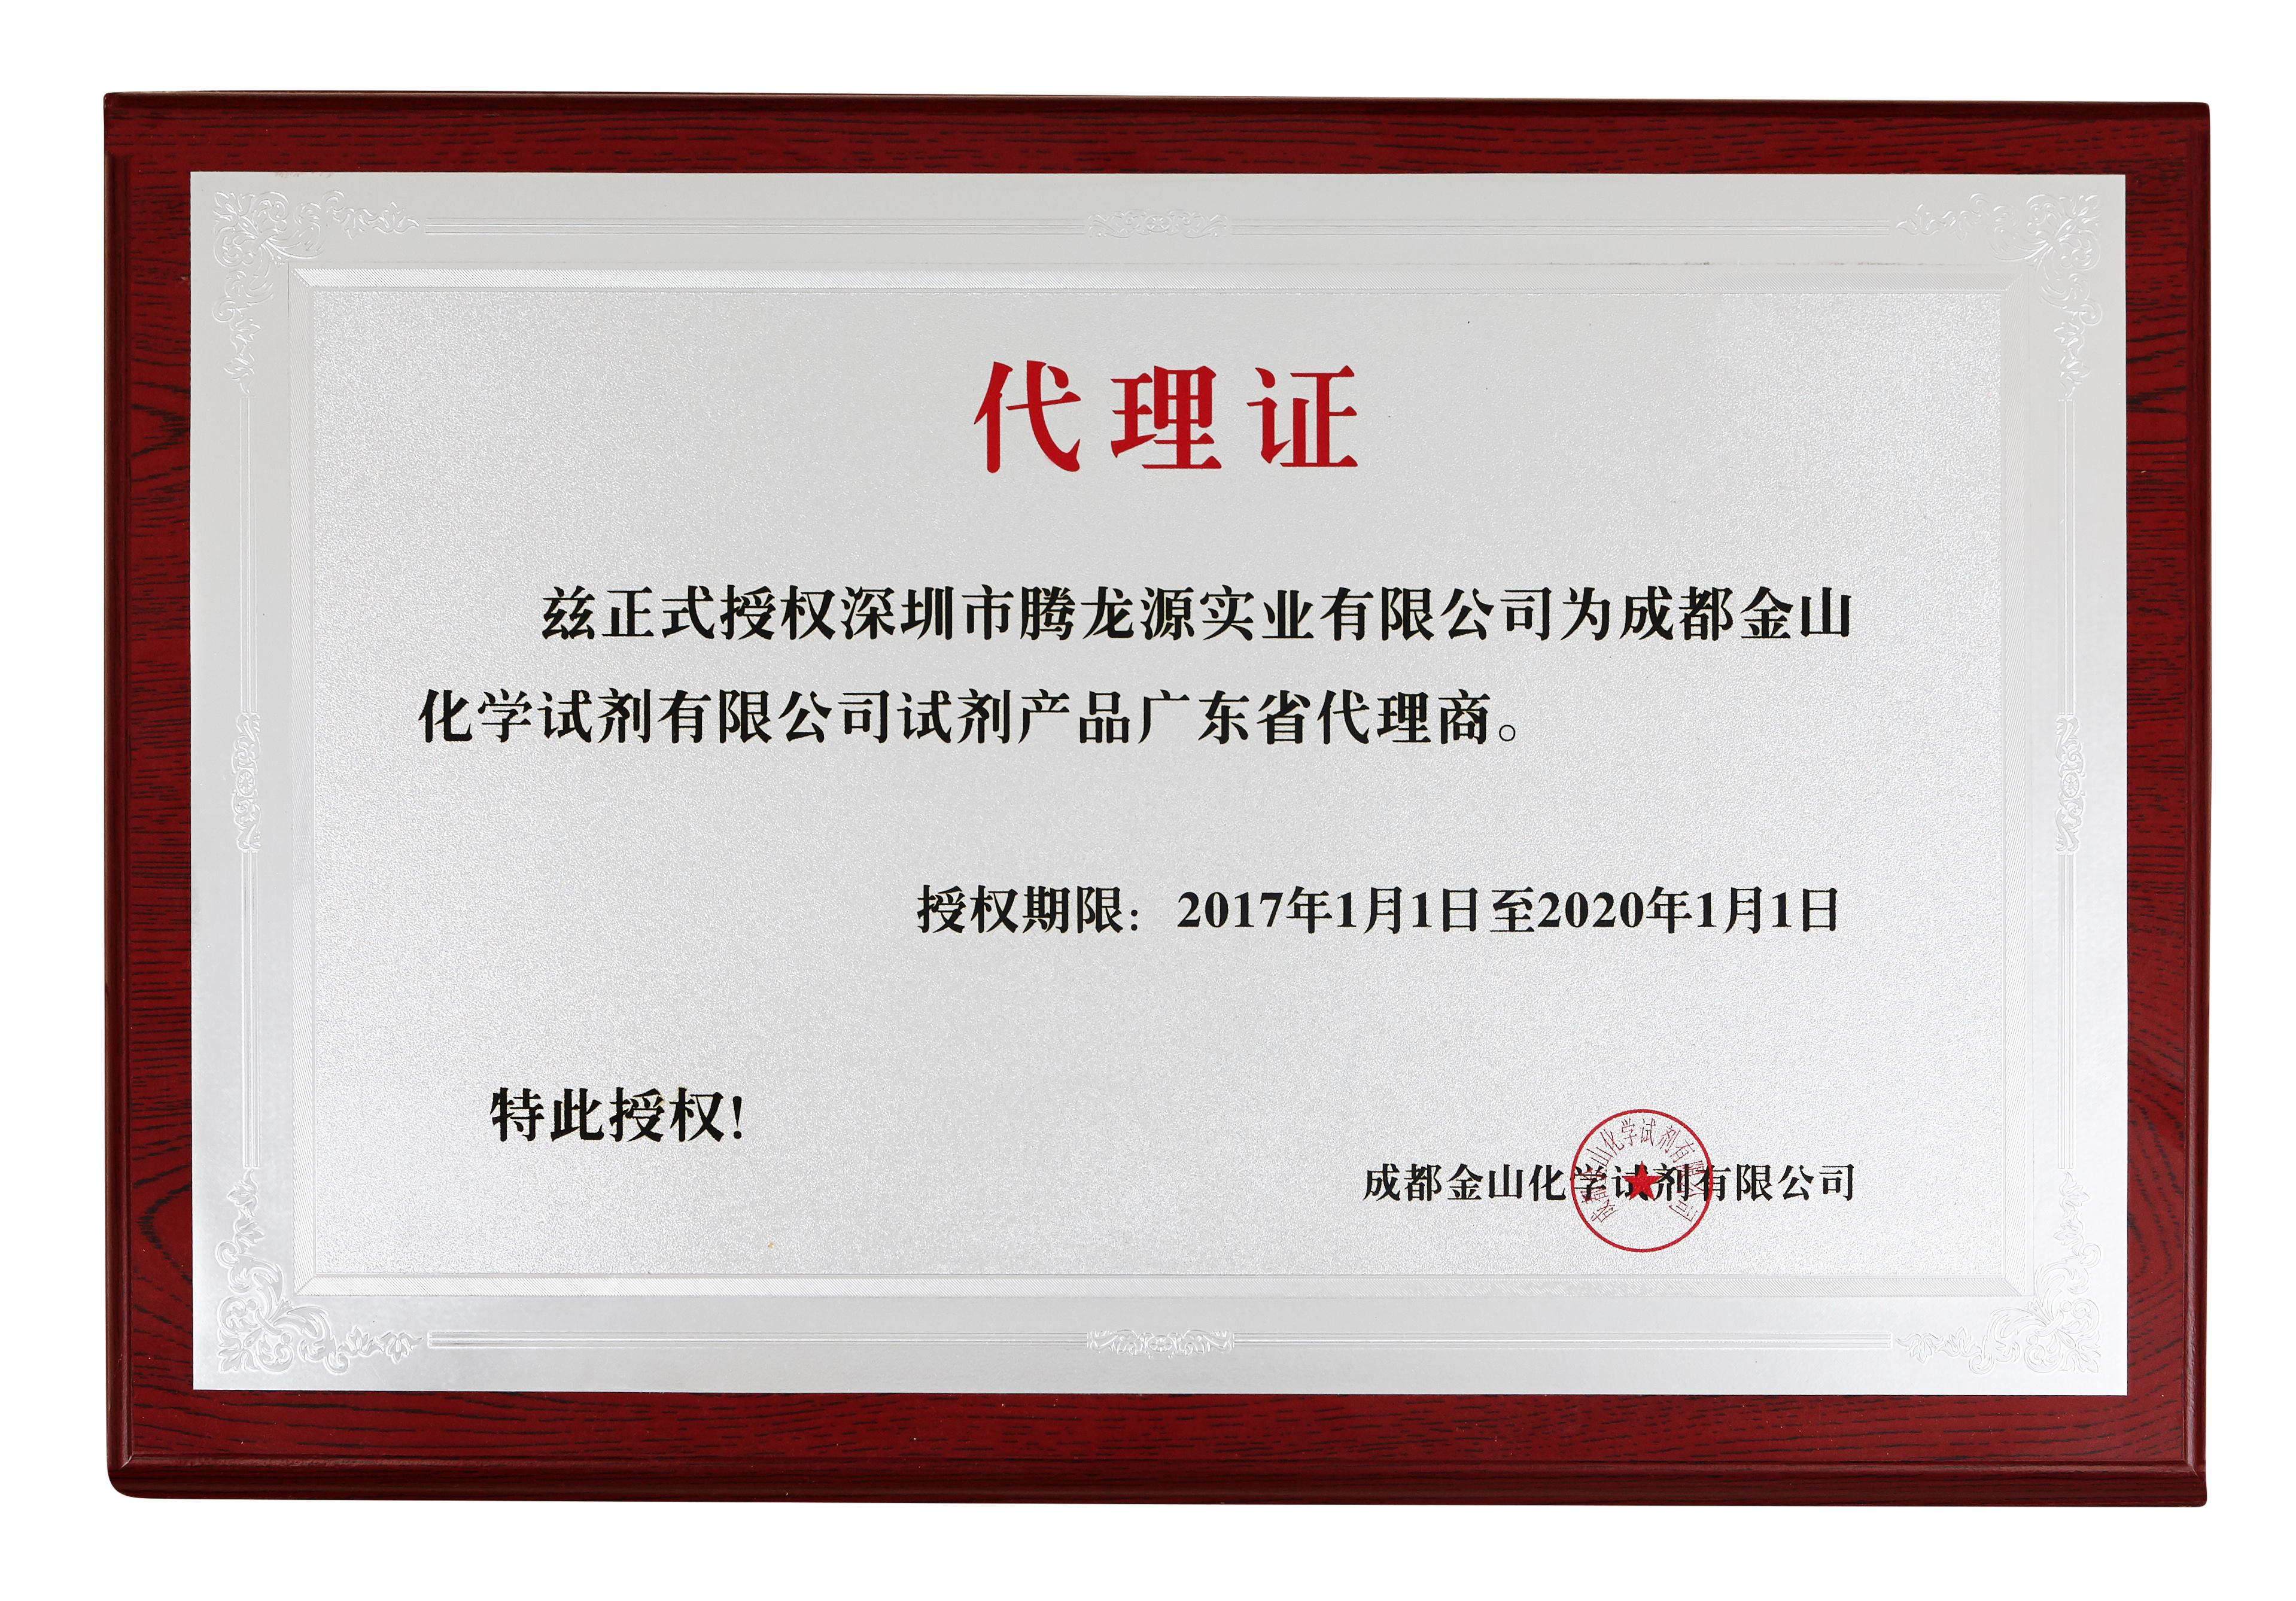 88必发客户端_成都金山化学试剂广东省代理商